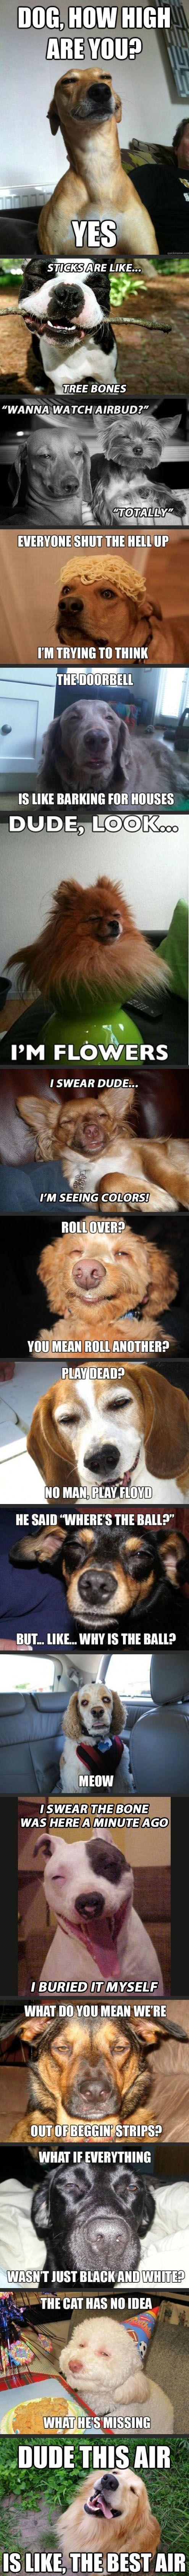 Hilarious dog faces